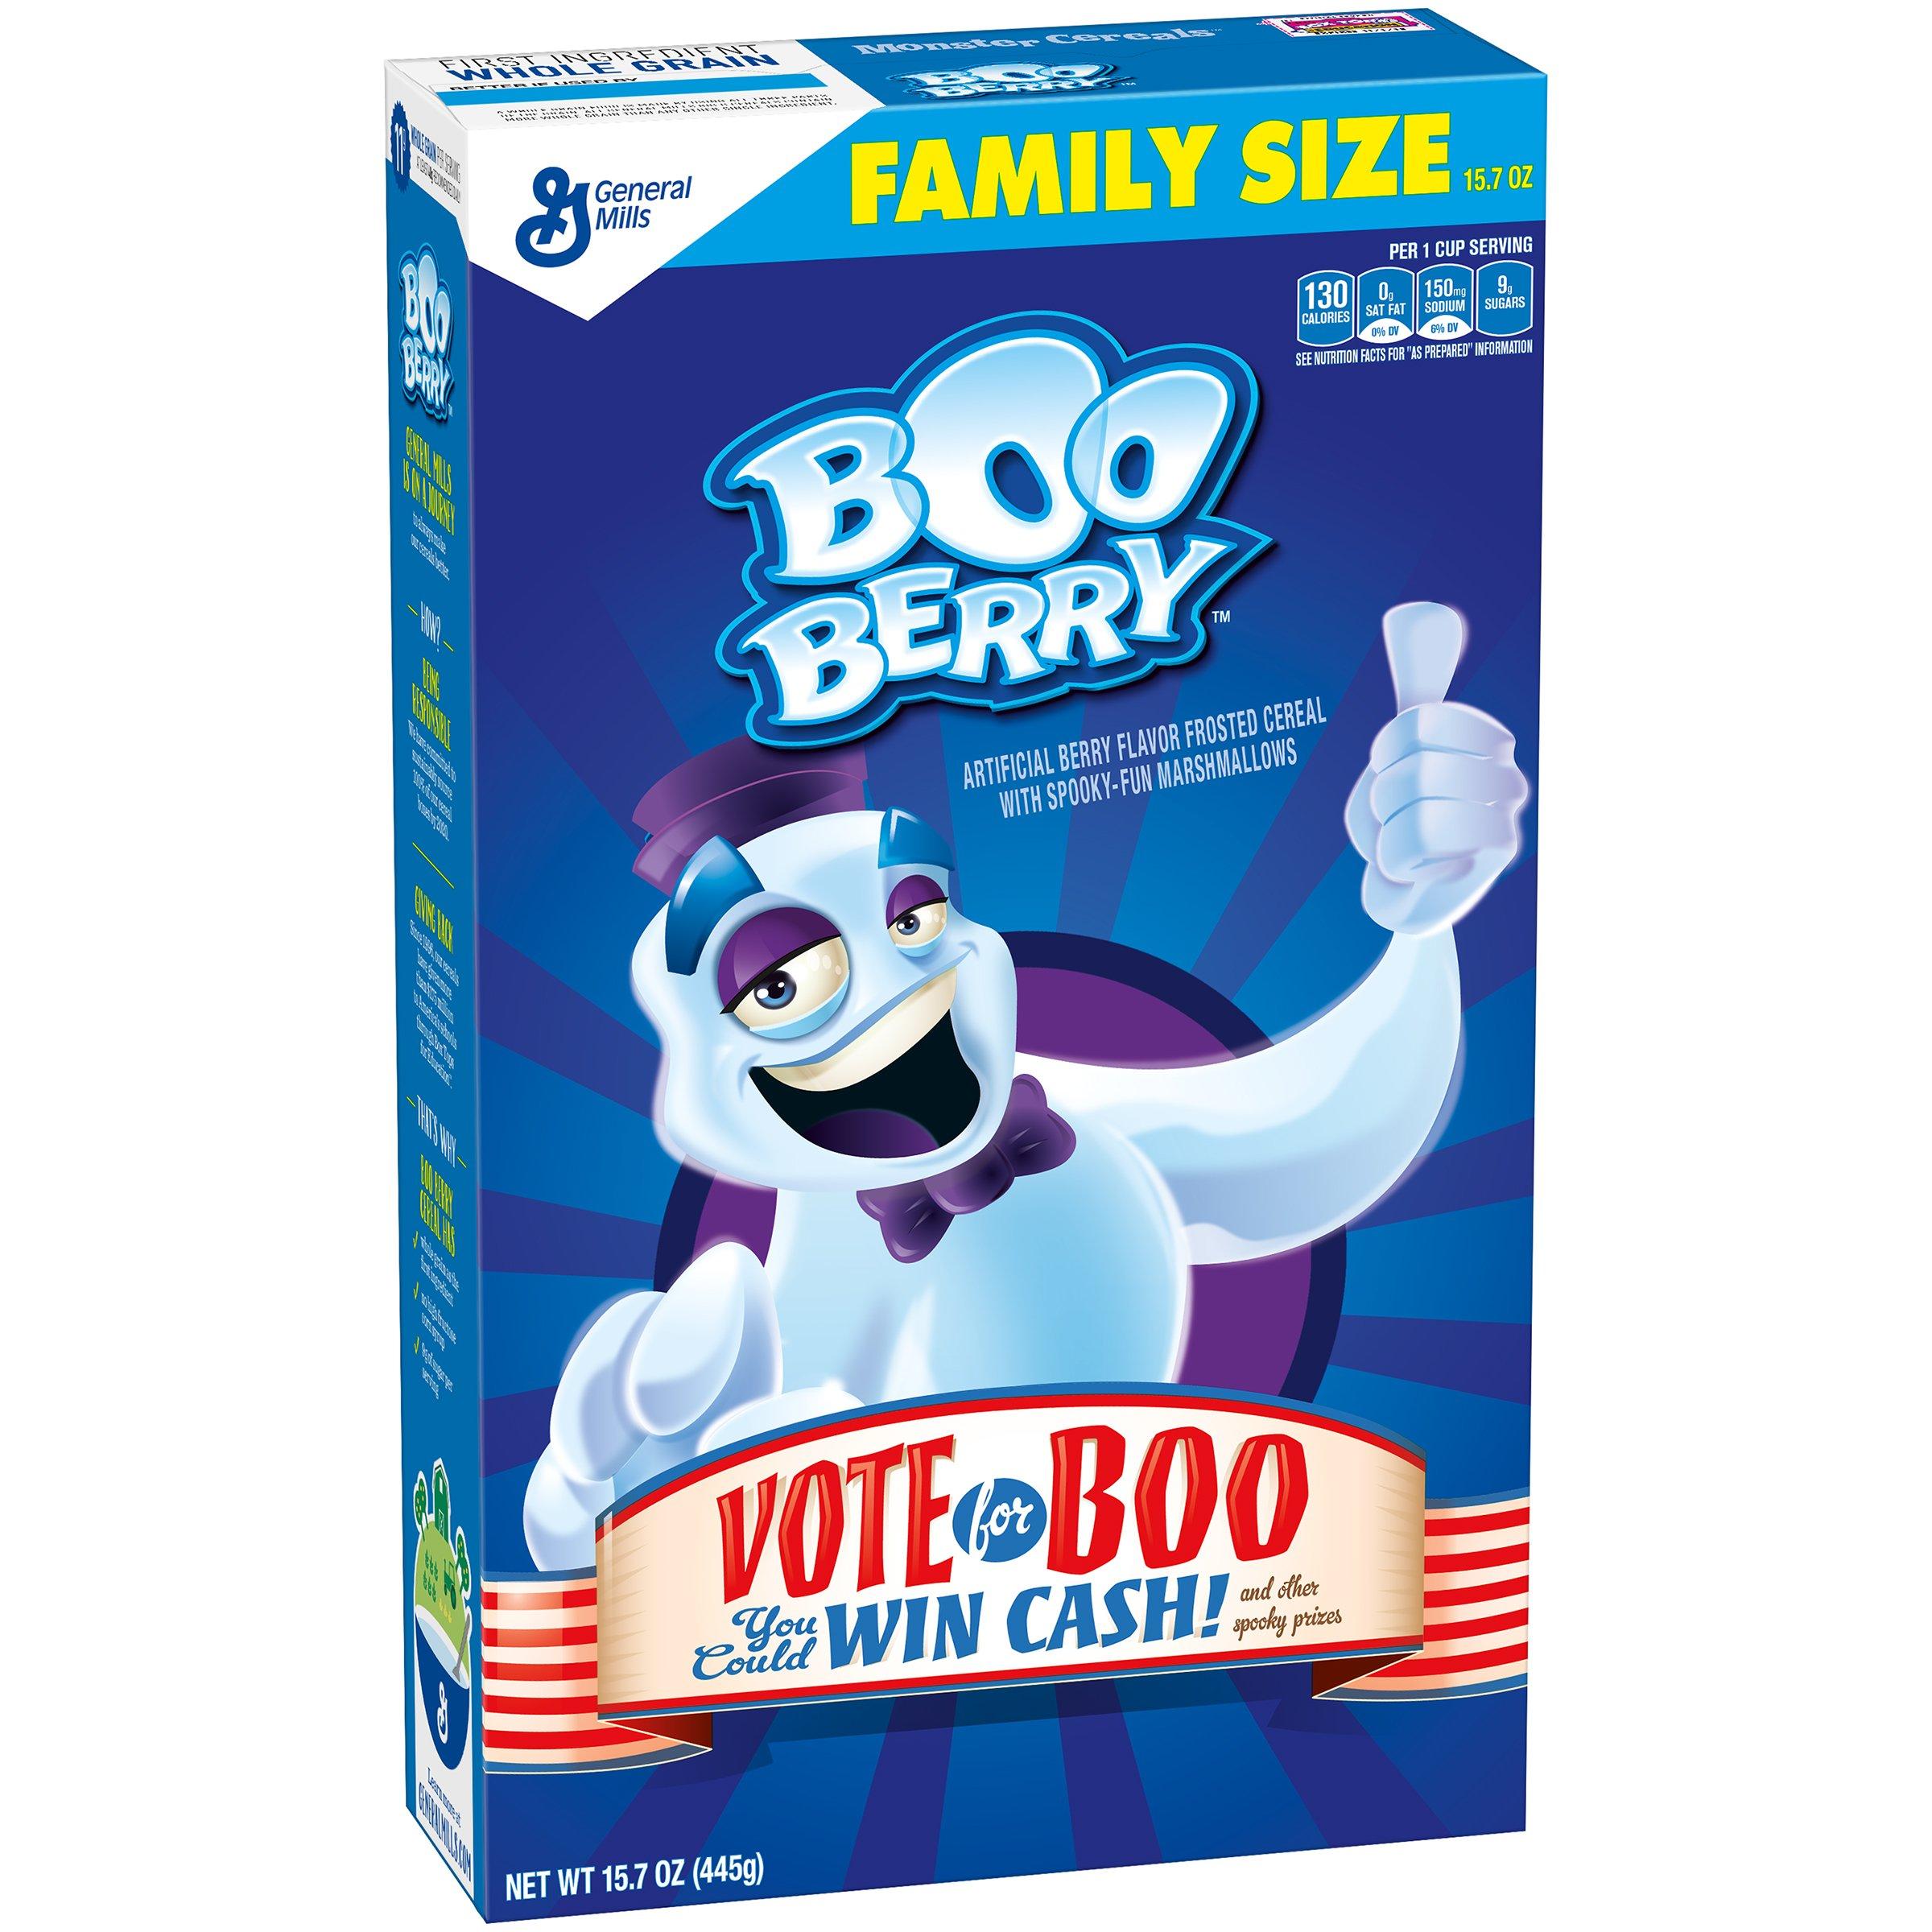 Amazon.com: General Mills Cereals Franken Berry, 15.7 Oz: